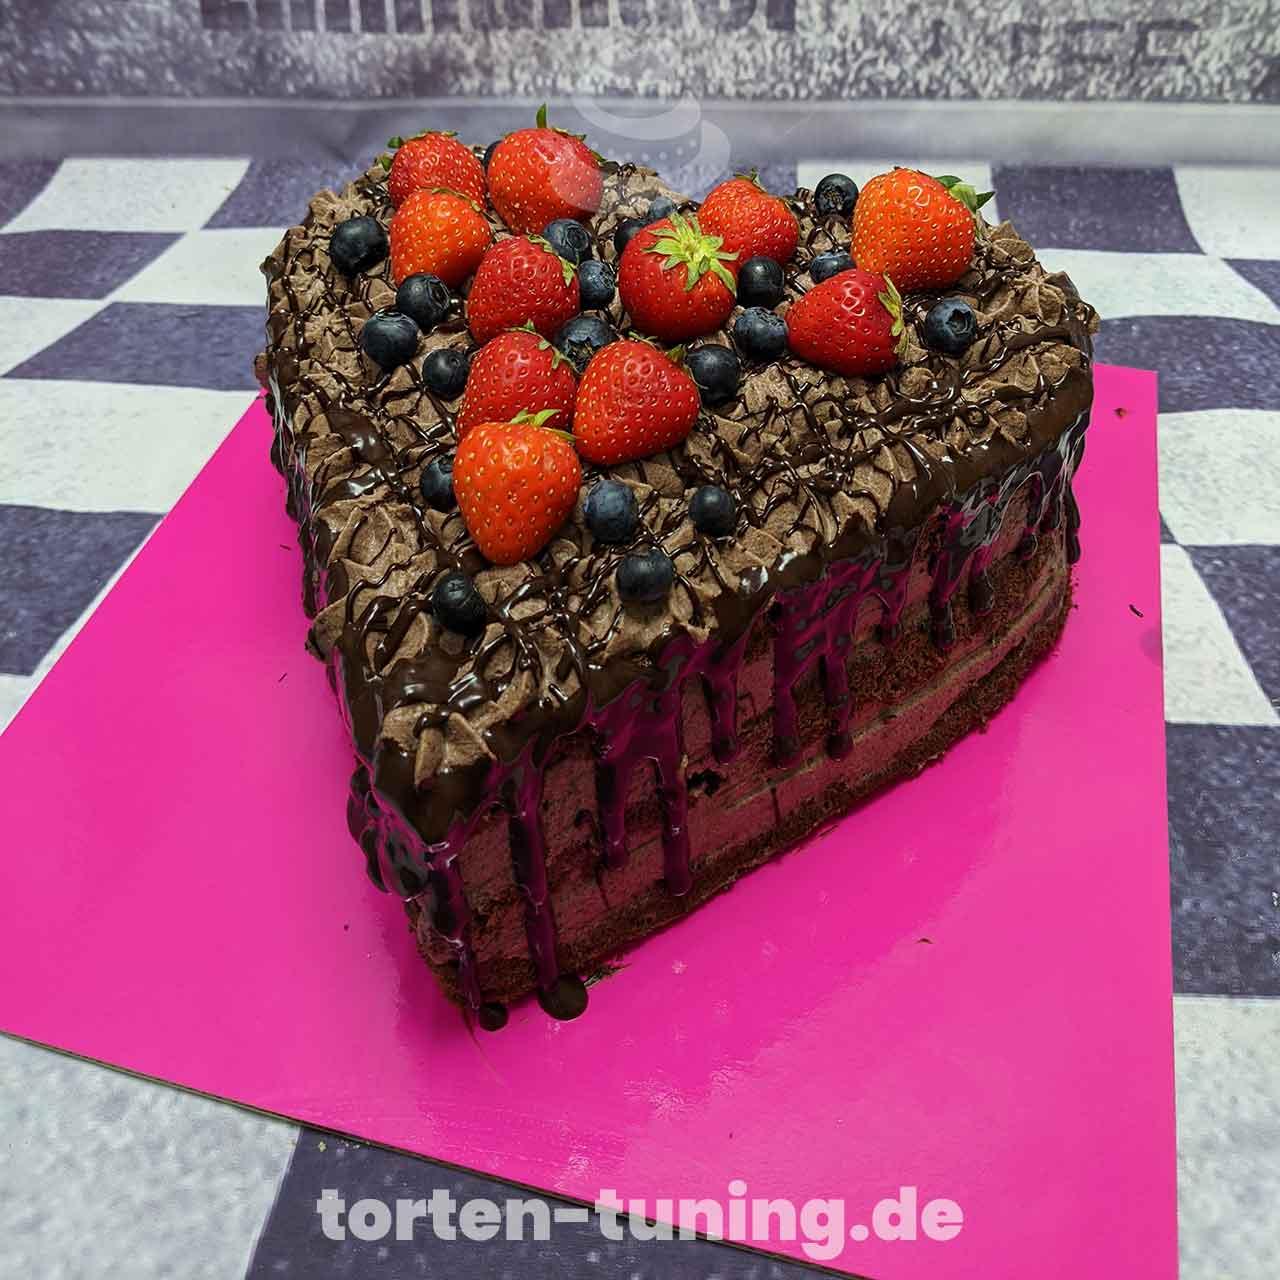 torten-tuning-cupcakes-bakzubehör-tortenaufsteller-tortendekoration-online-bestellen-kuchen-back-zubehör